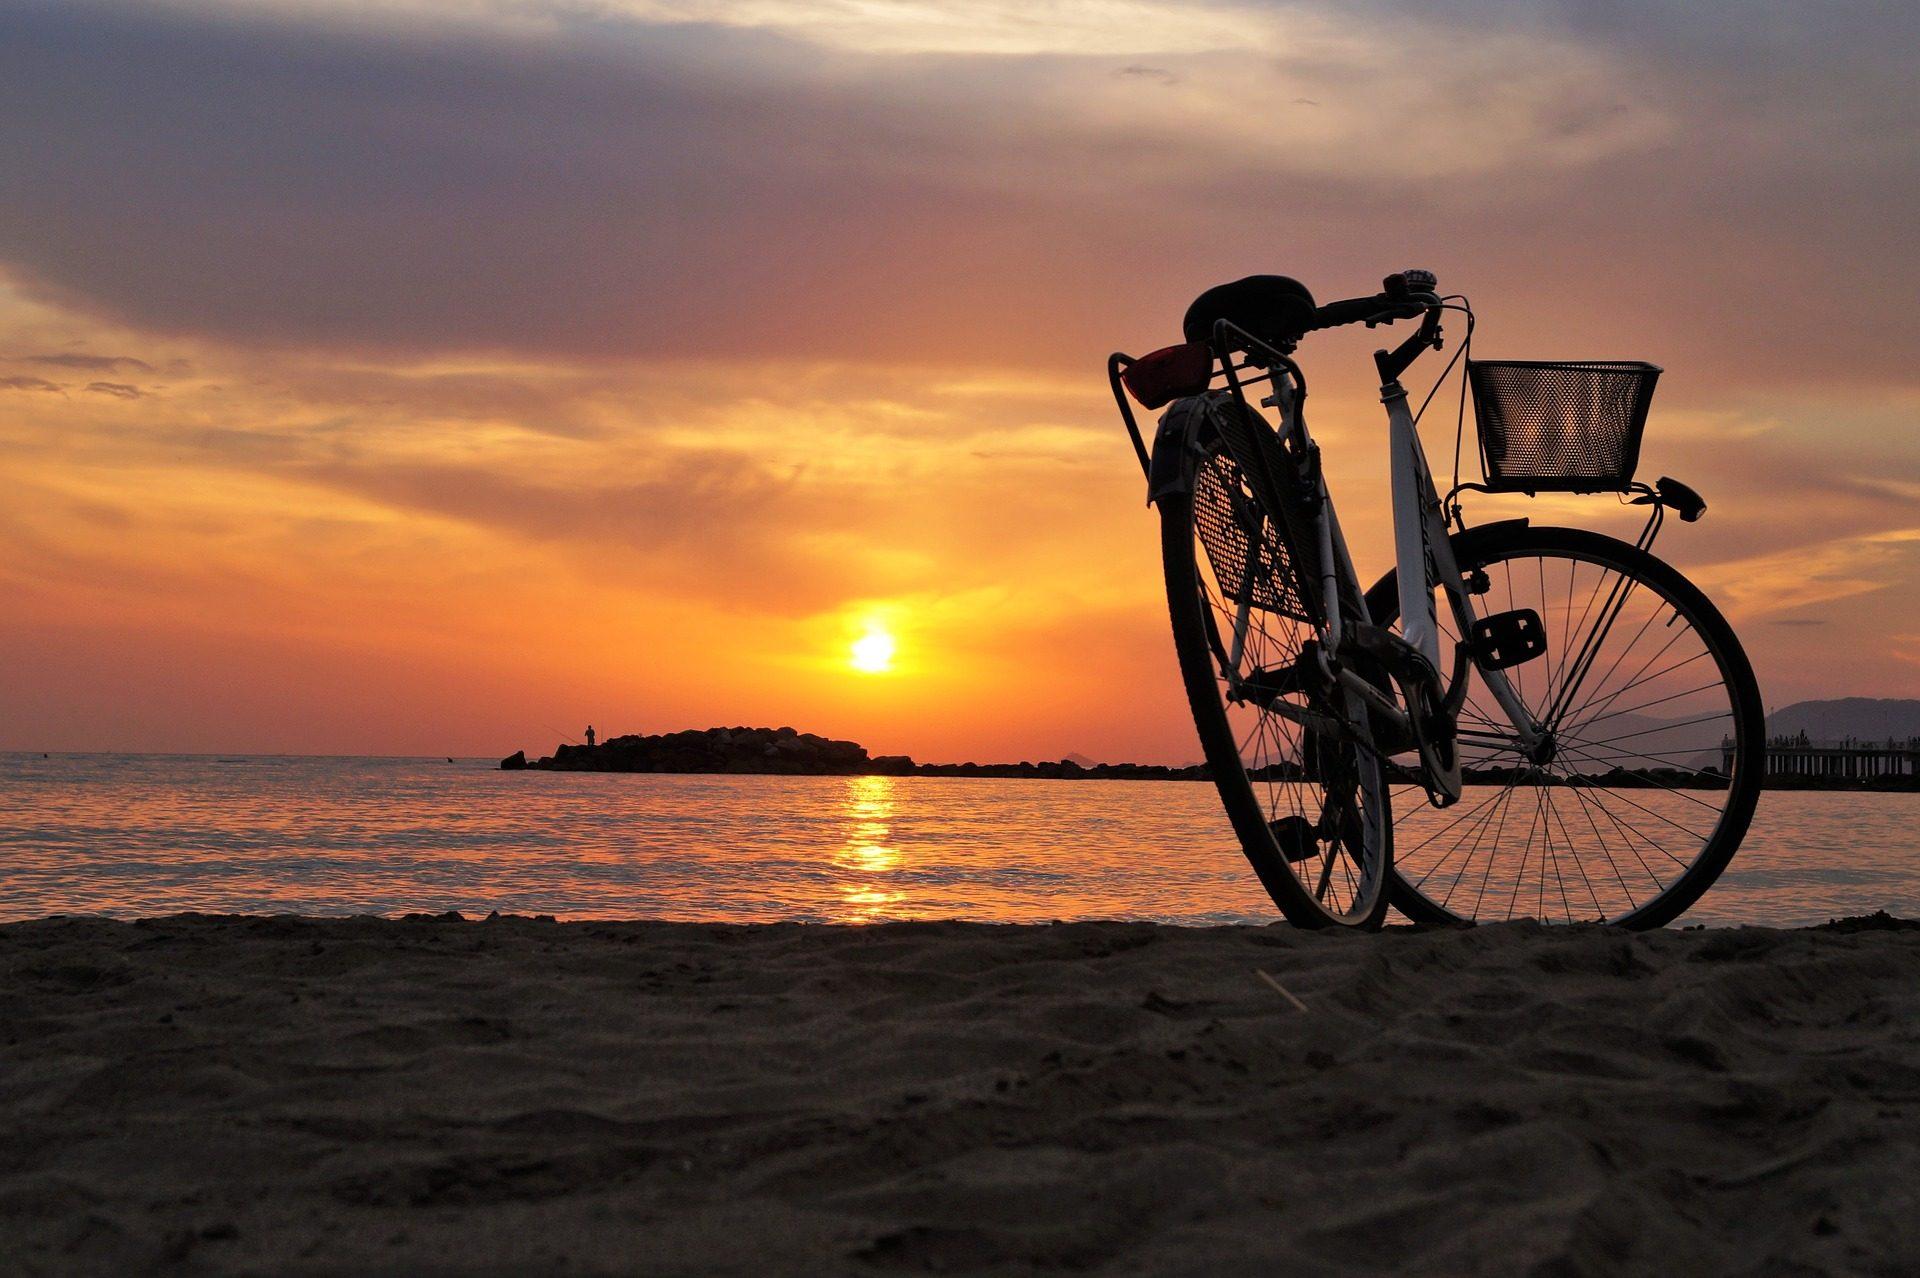 ποδήλατο, Παραλία, Άμμος, Ηλιοβασίλεμα, Θάλασσα, Χαλαρώστε - Wallpapers HD - Professor-falken.com